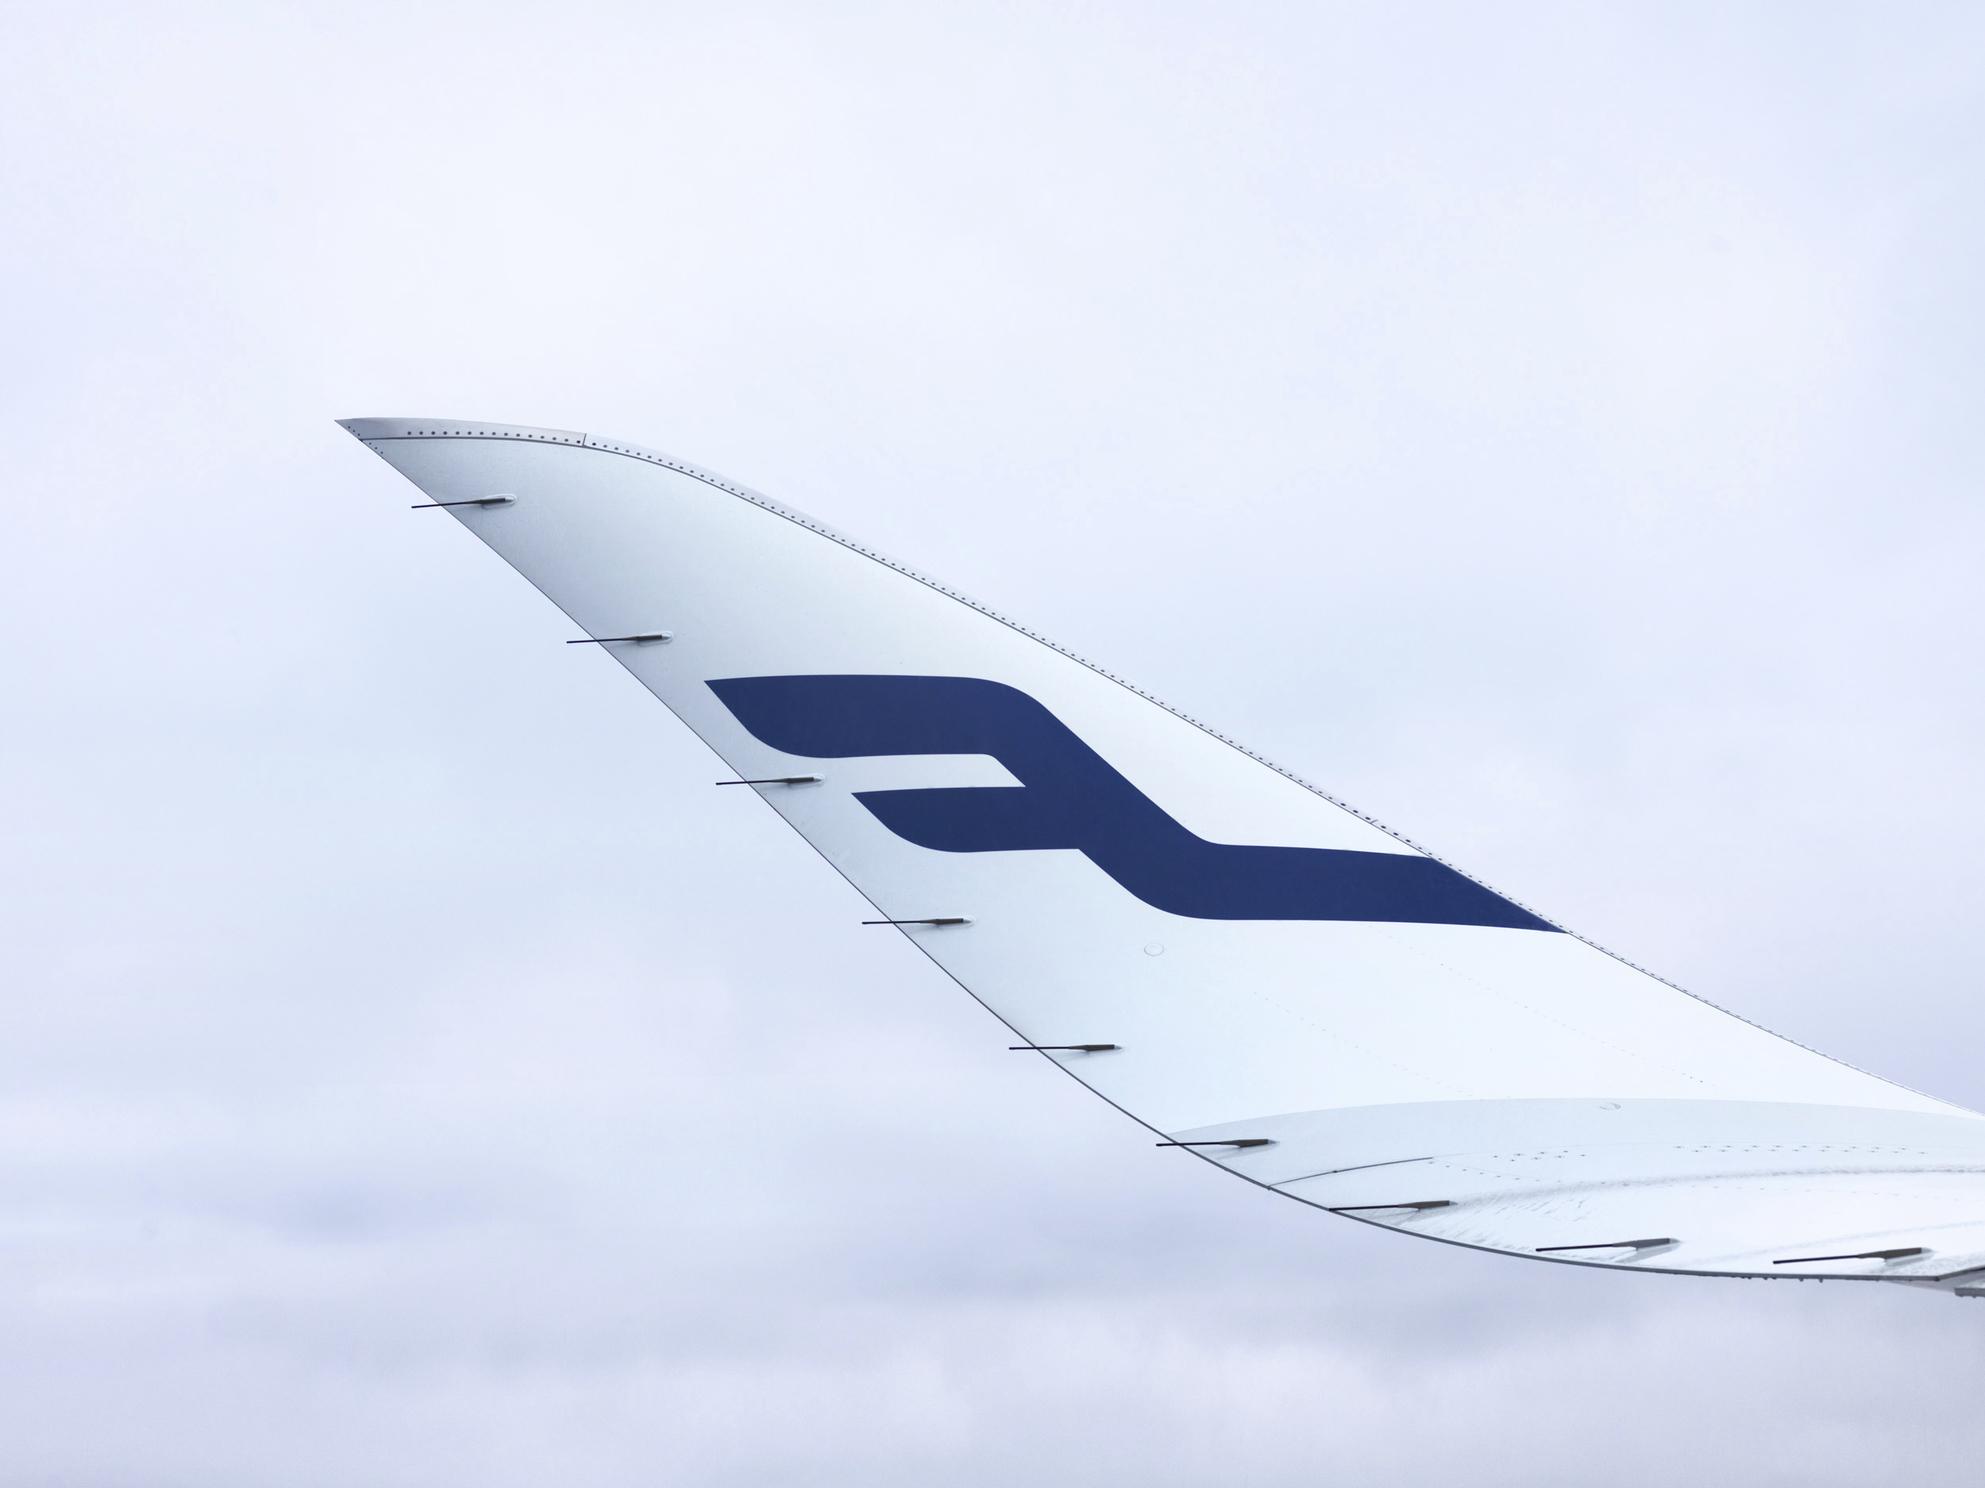 Finnair A350-900 winglet. (Foto: Finnair)